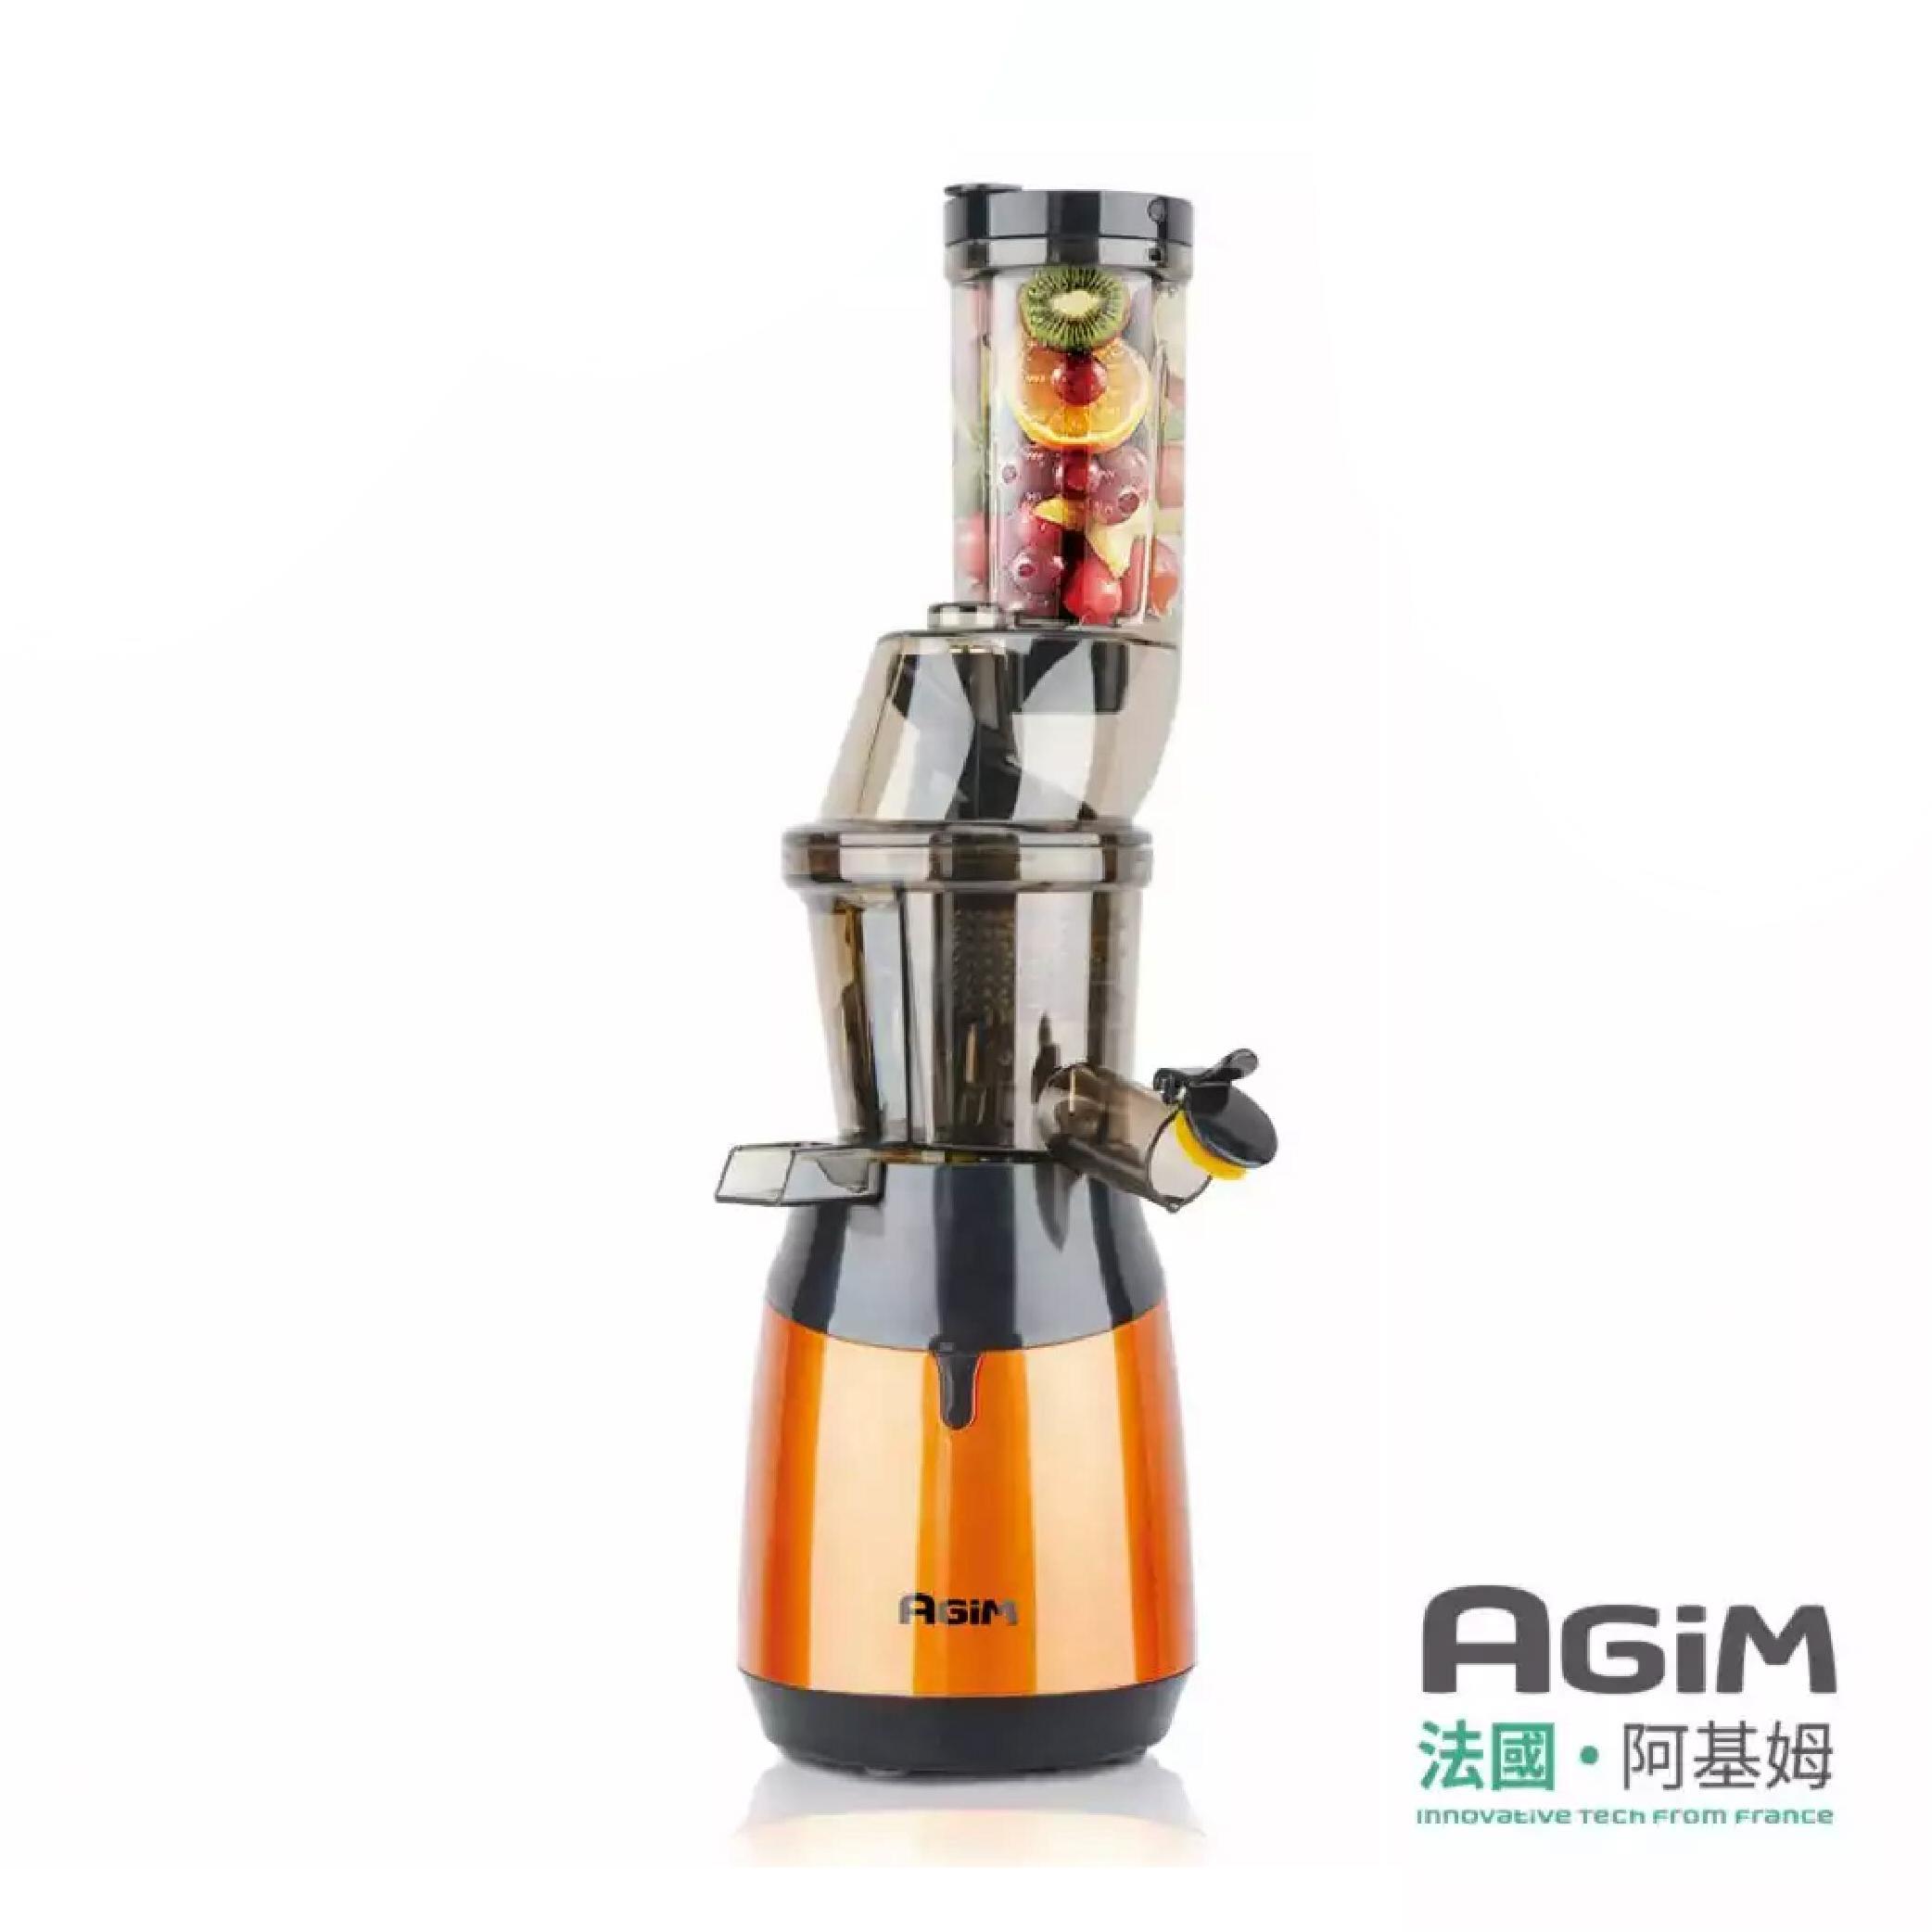 【AGIM】果蔬研磨機